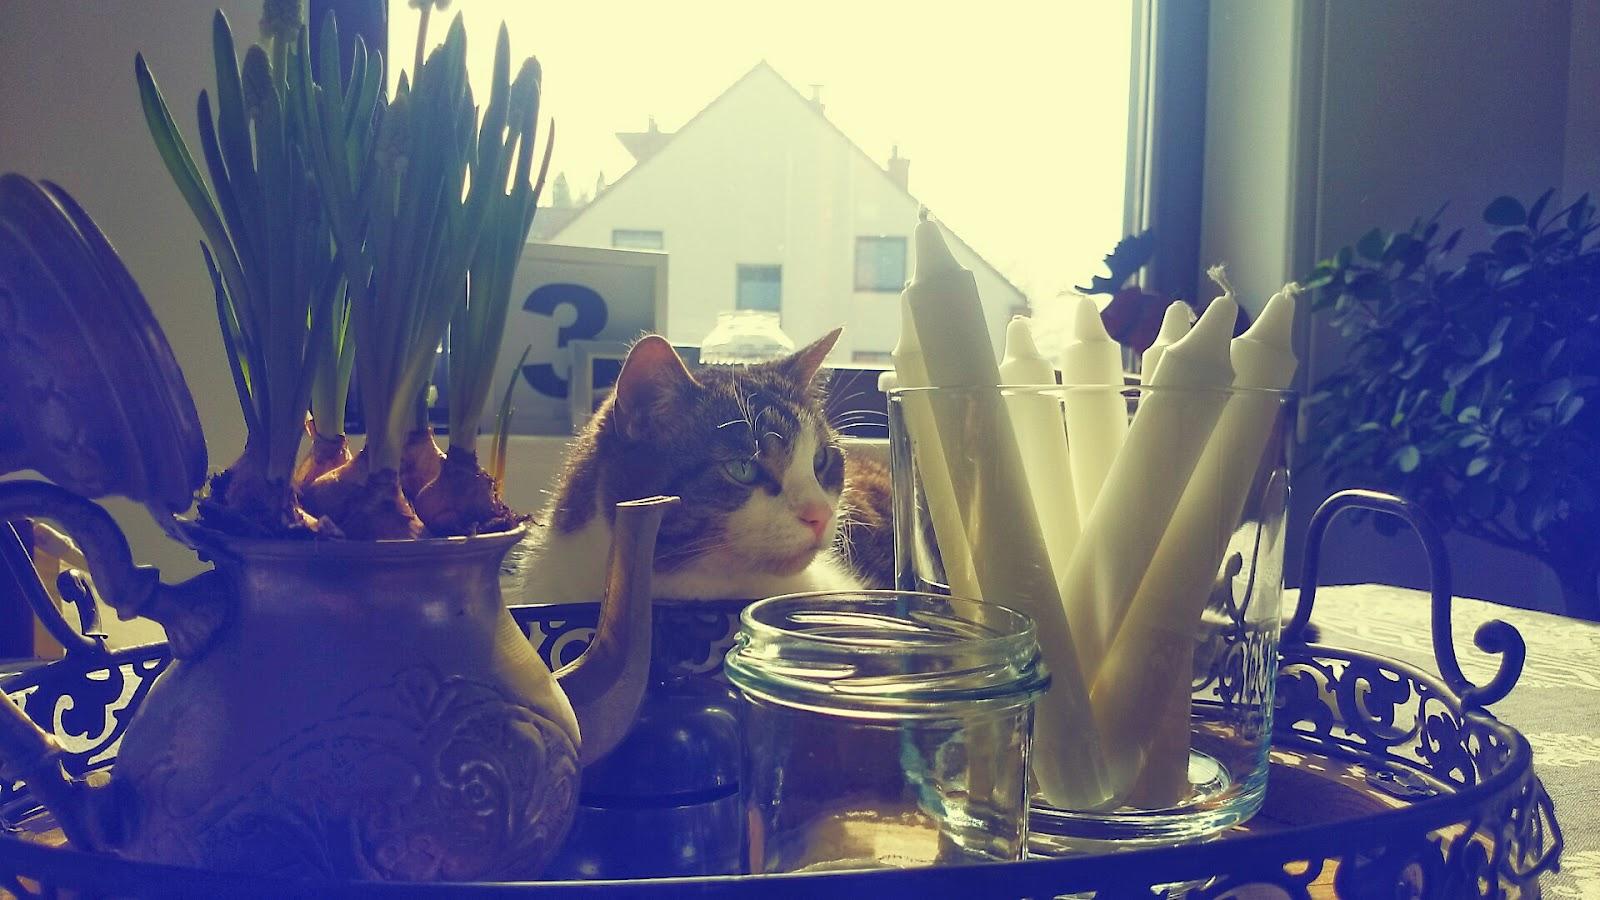 Dekoracje stołu, dzbanuszek antyk jako osłonka na kwiaty